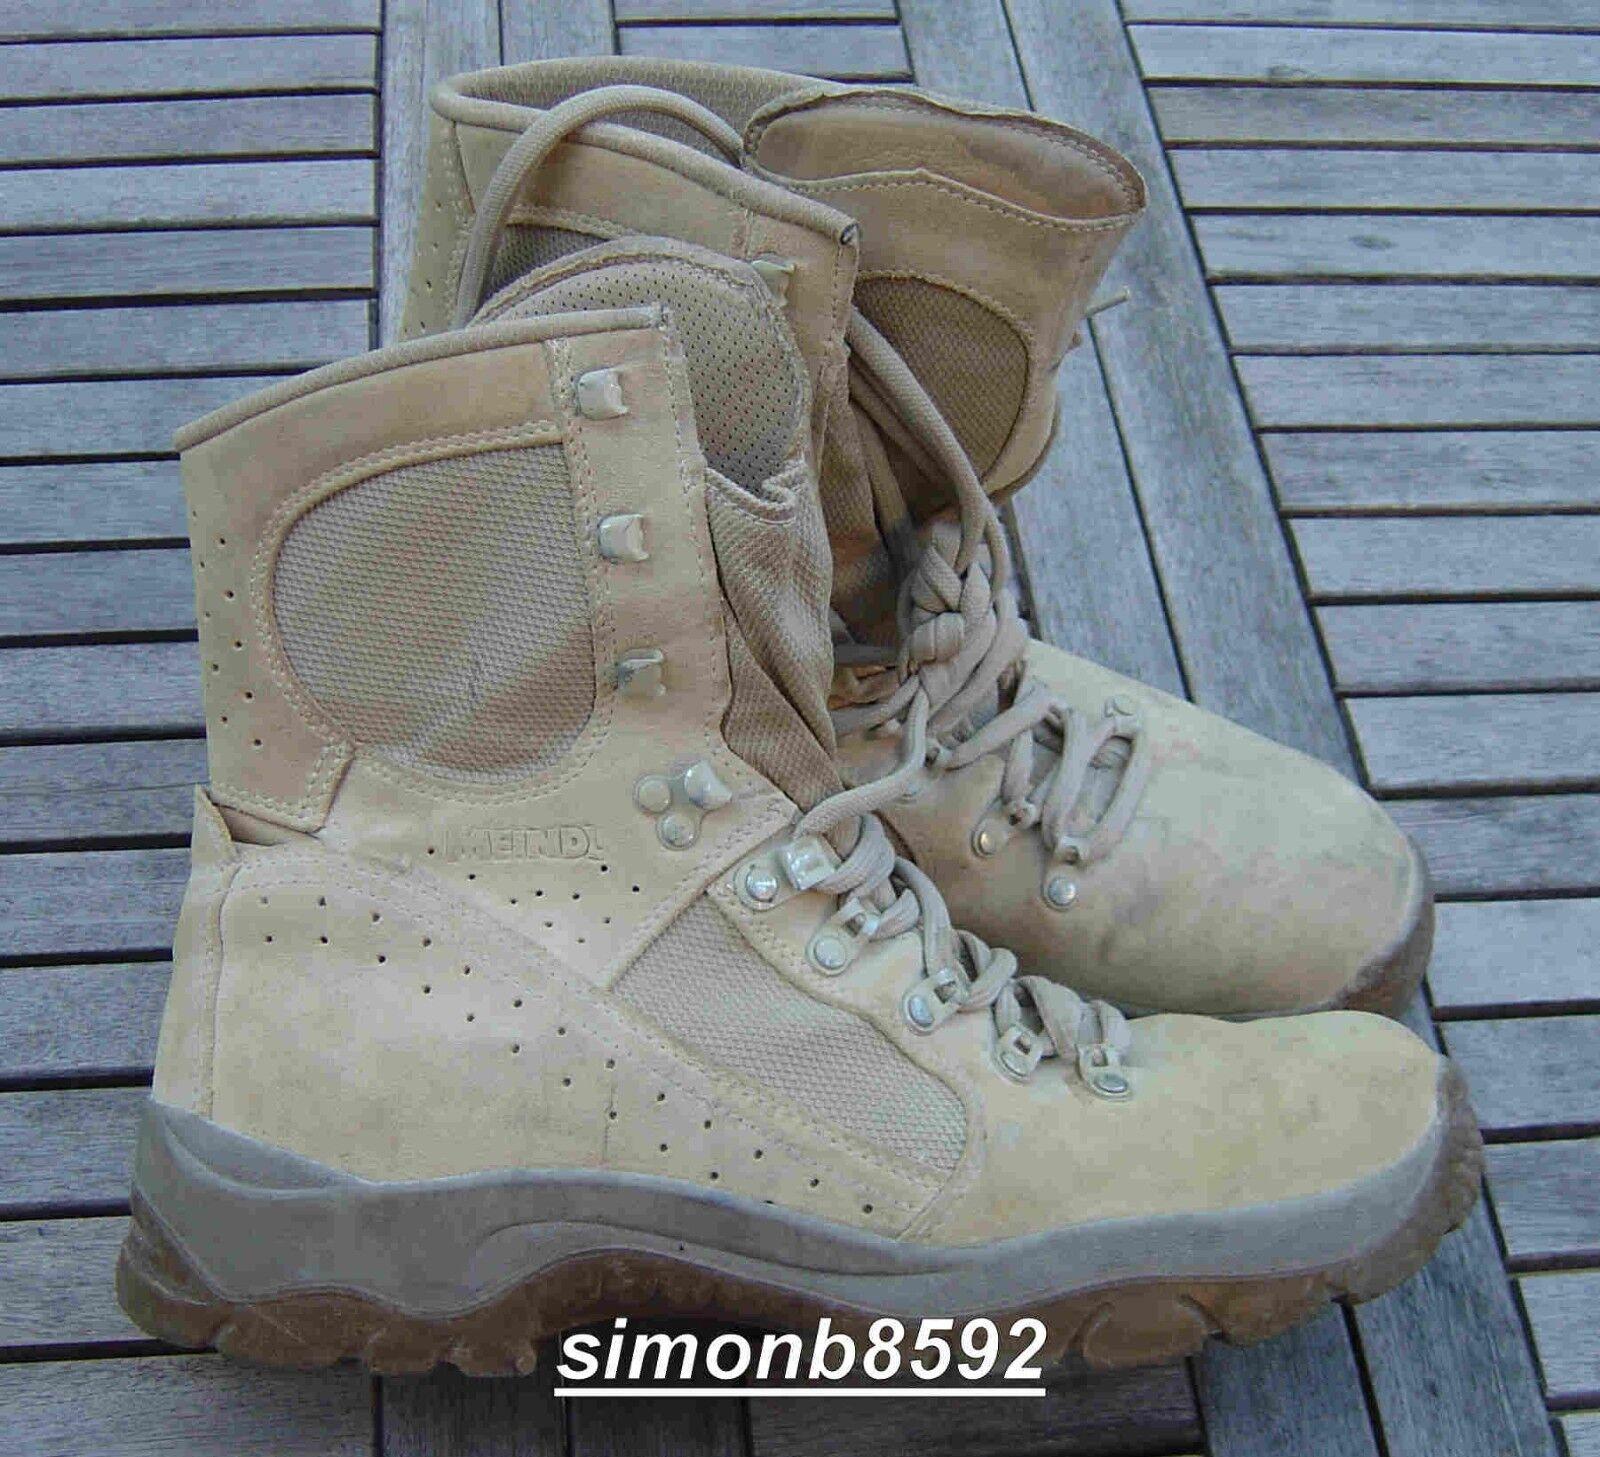 royaume - uni excédent g1 meindl l'armée renard du désert, l'armée meindl britannique bottes en cuir, daim beige, les bottes de combat 94eccd